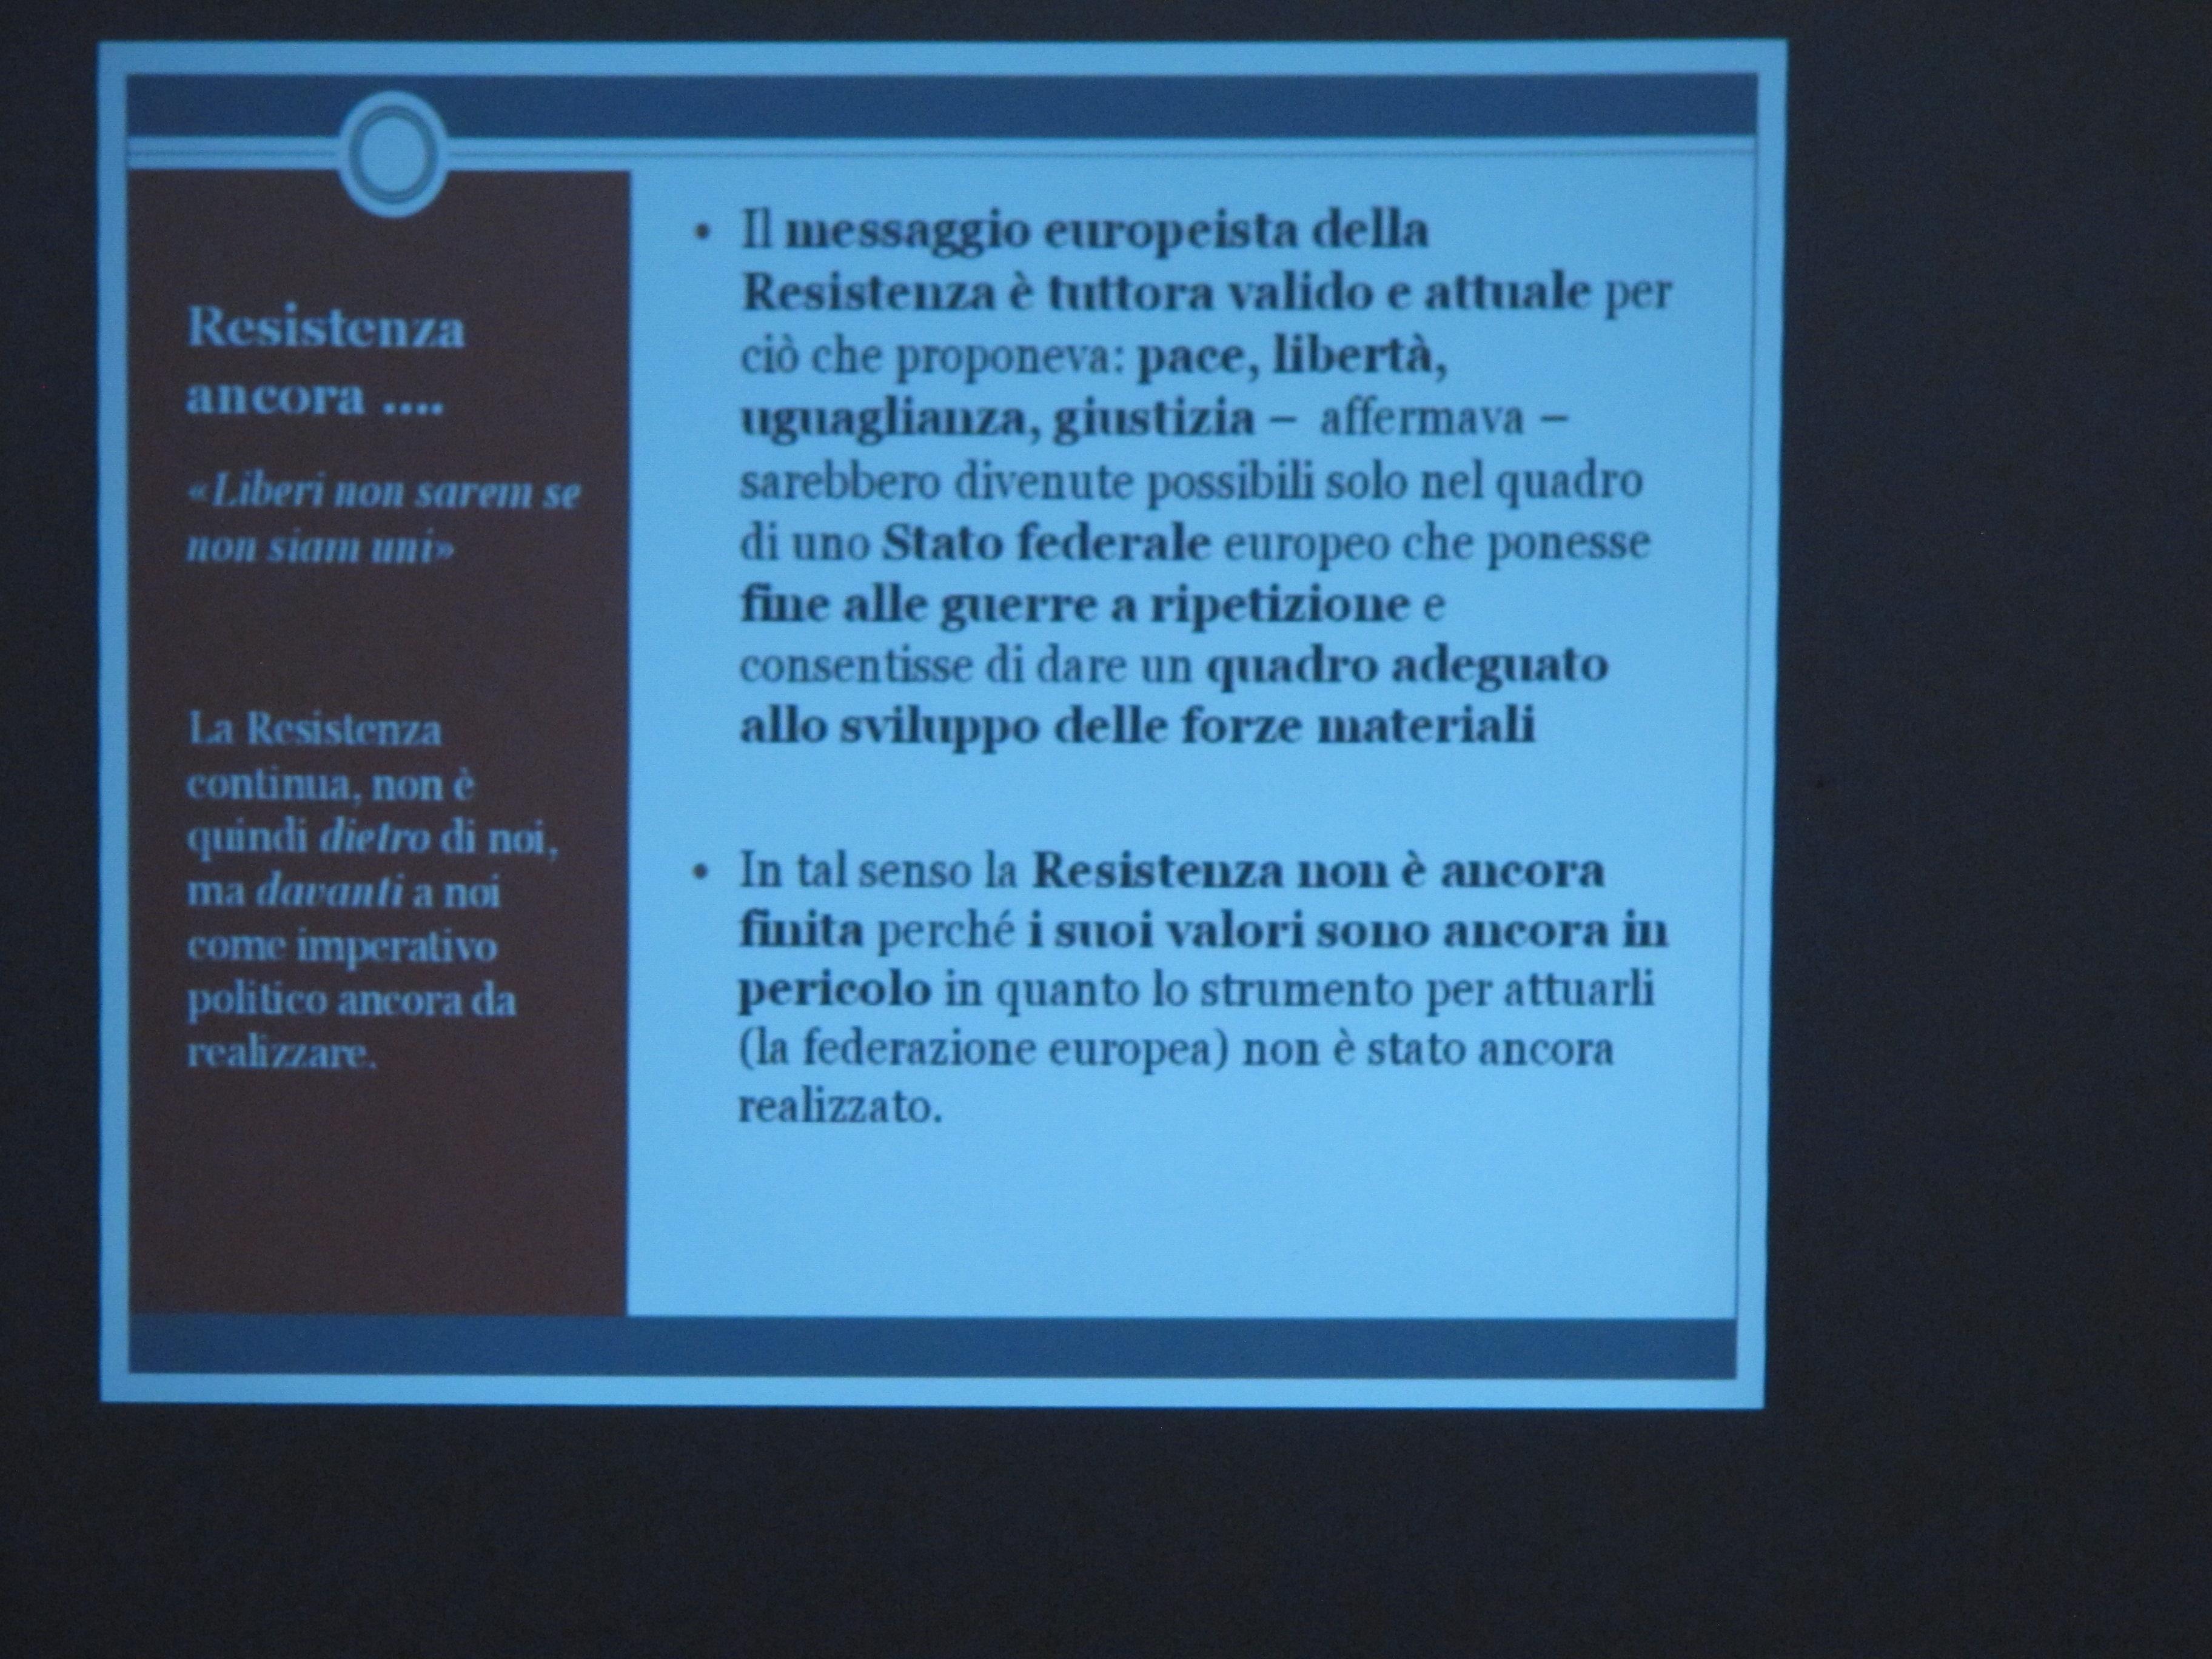 13_convegno Resistenza seme dell'Europa a Corteno Golgi